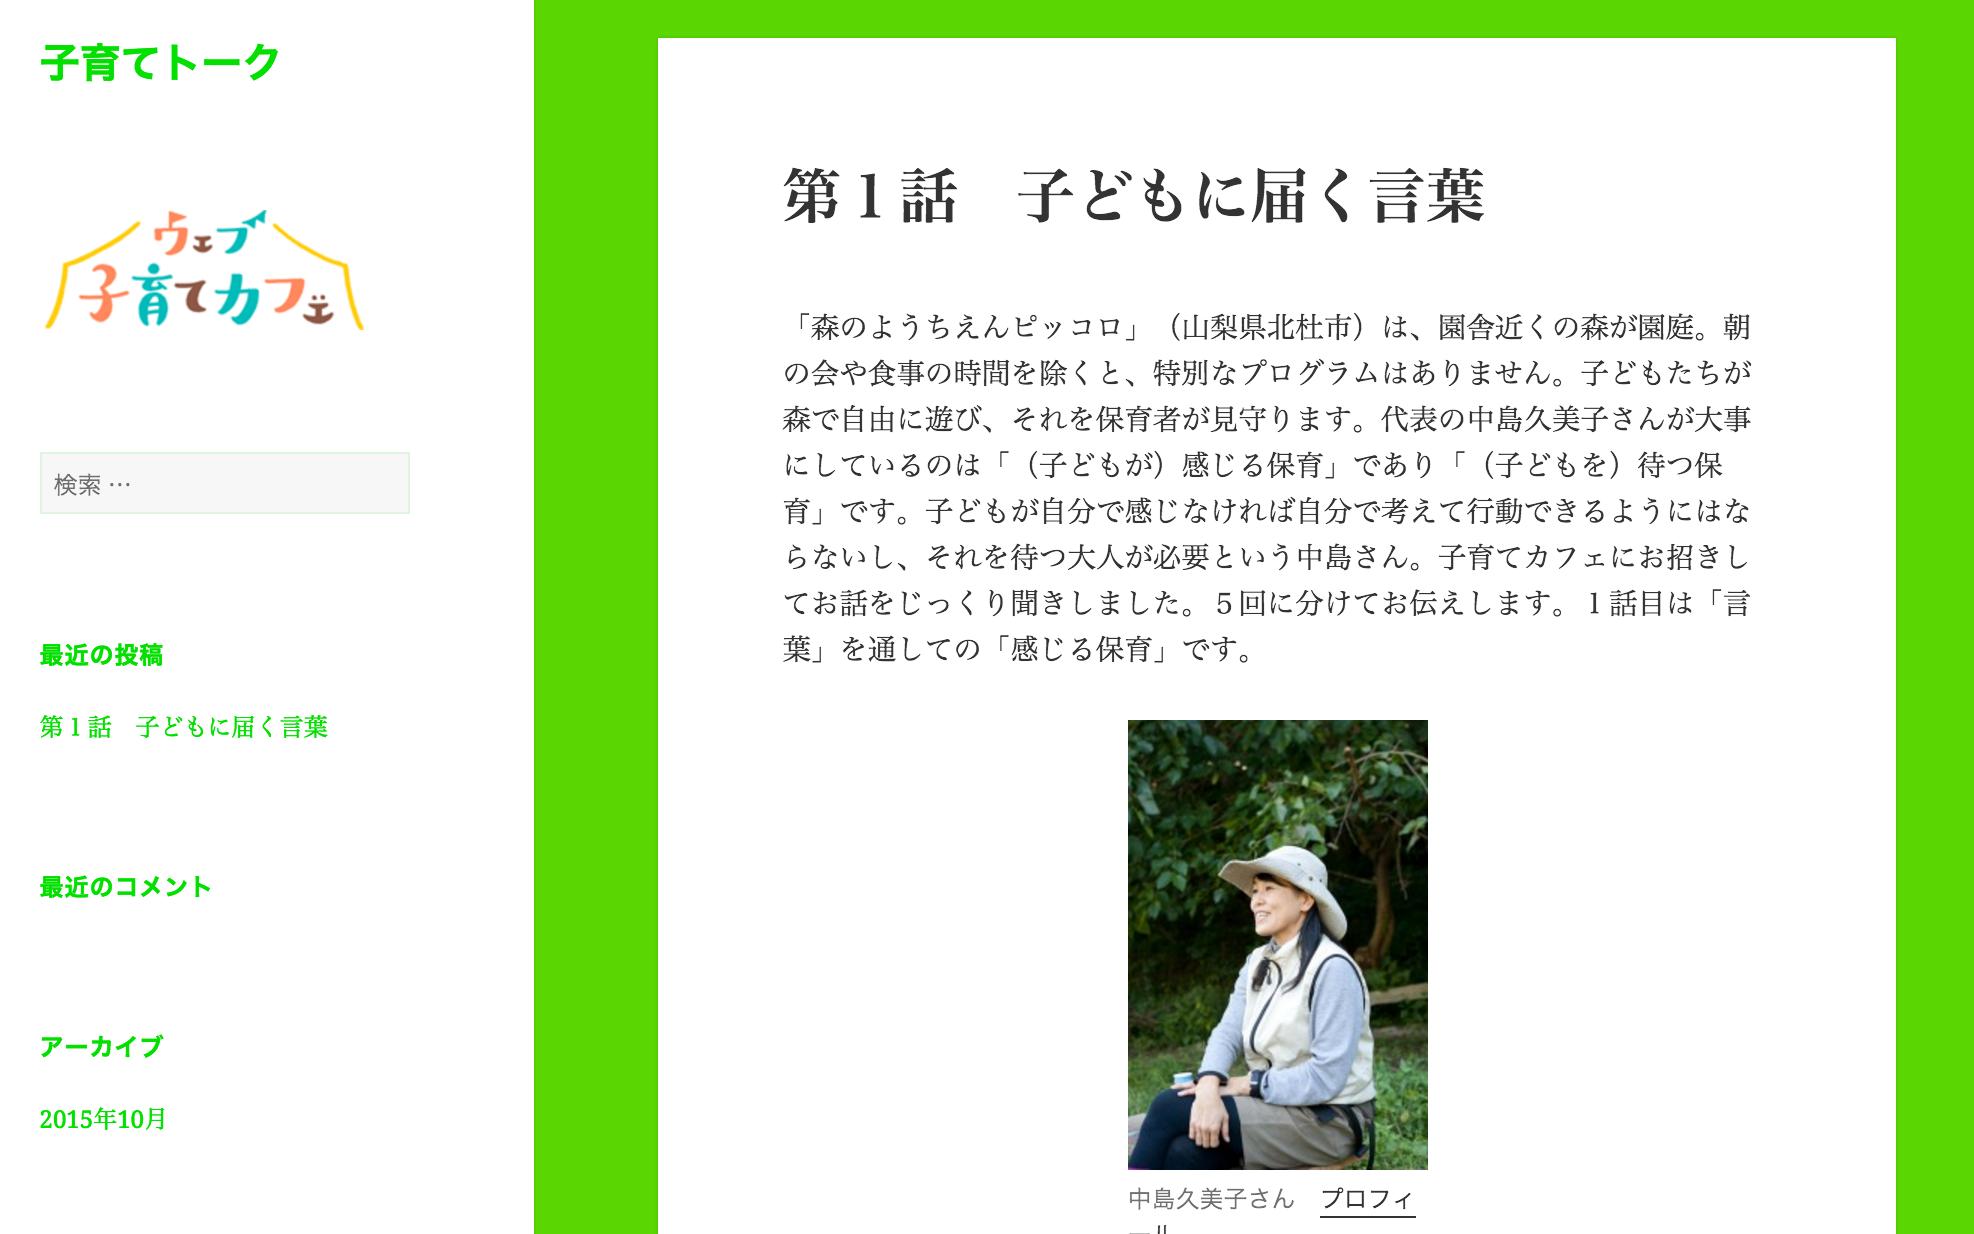 雑誌「edu」web版にて、森のようちえんピッコロ代表中島先生のコラムが掲載中